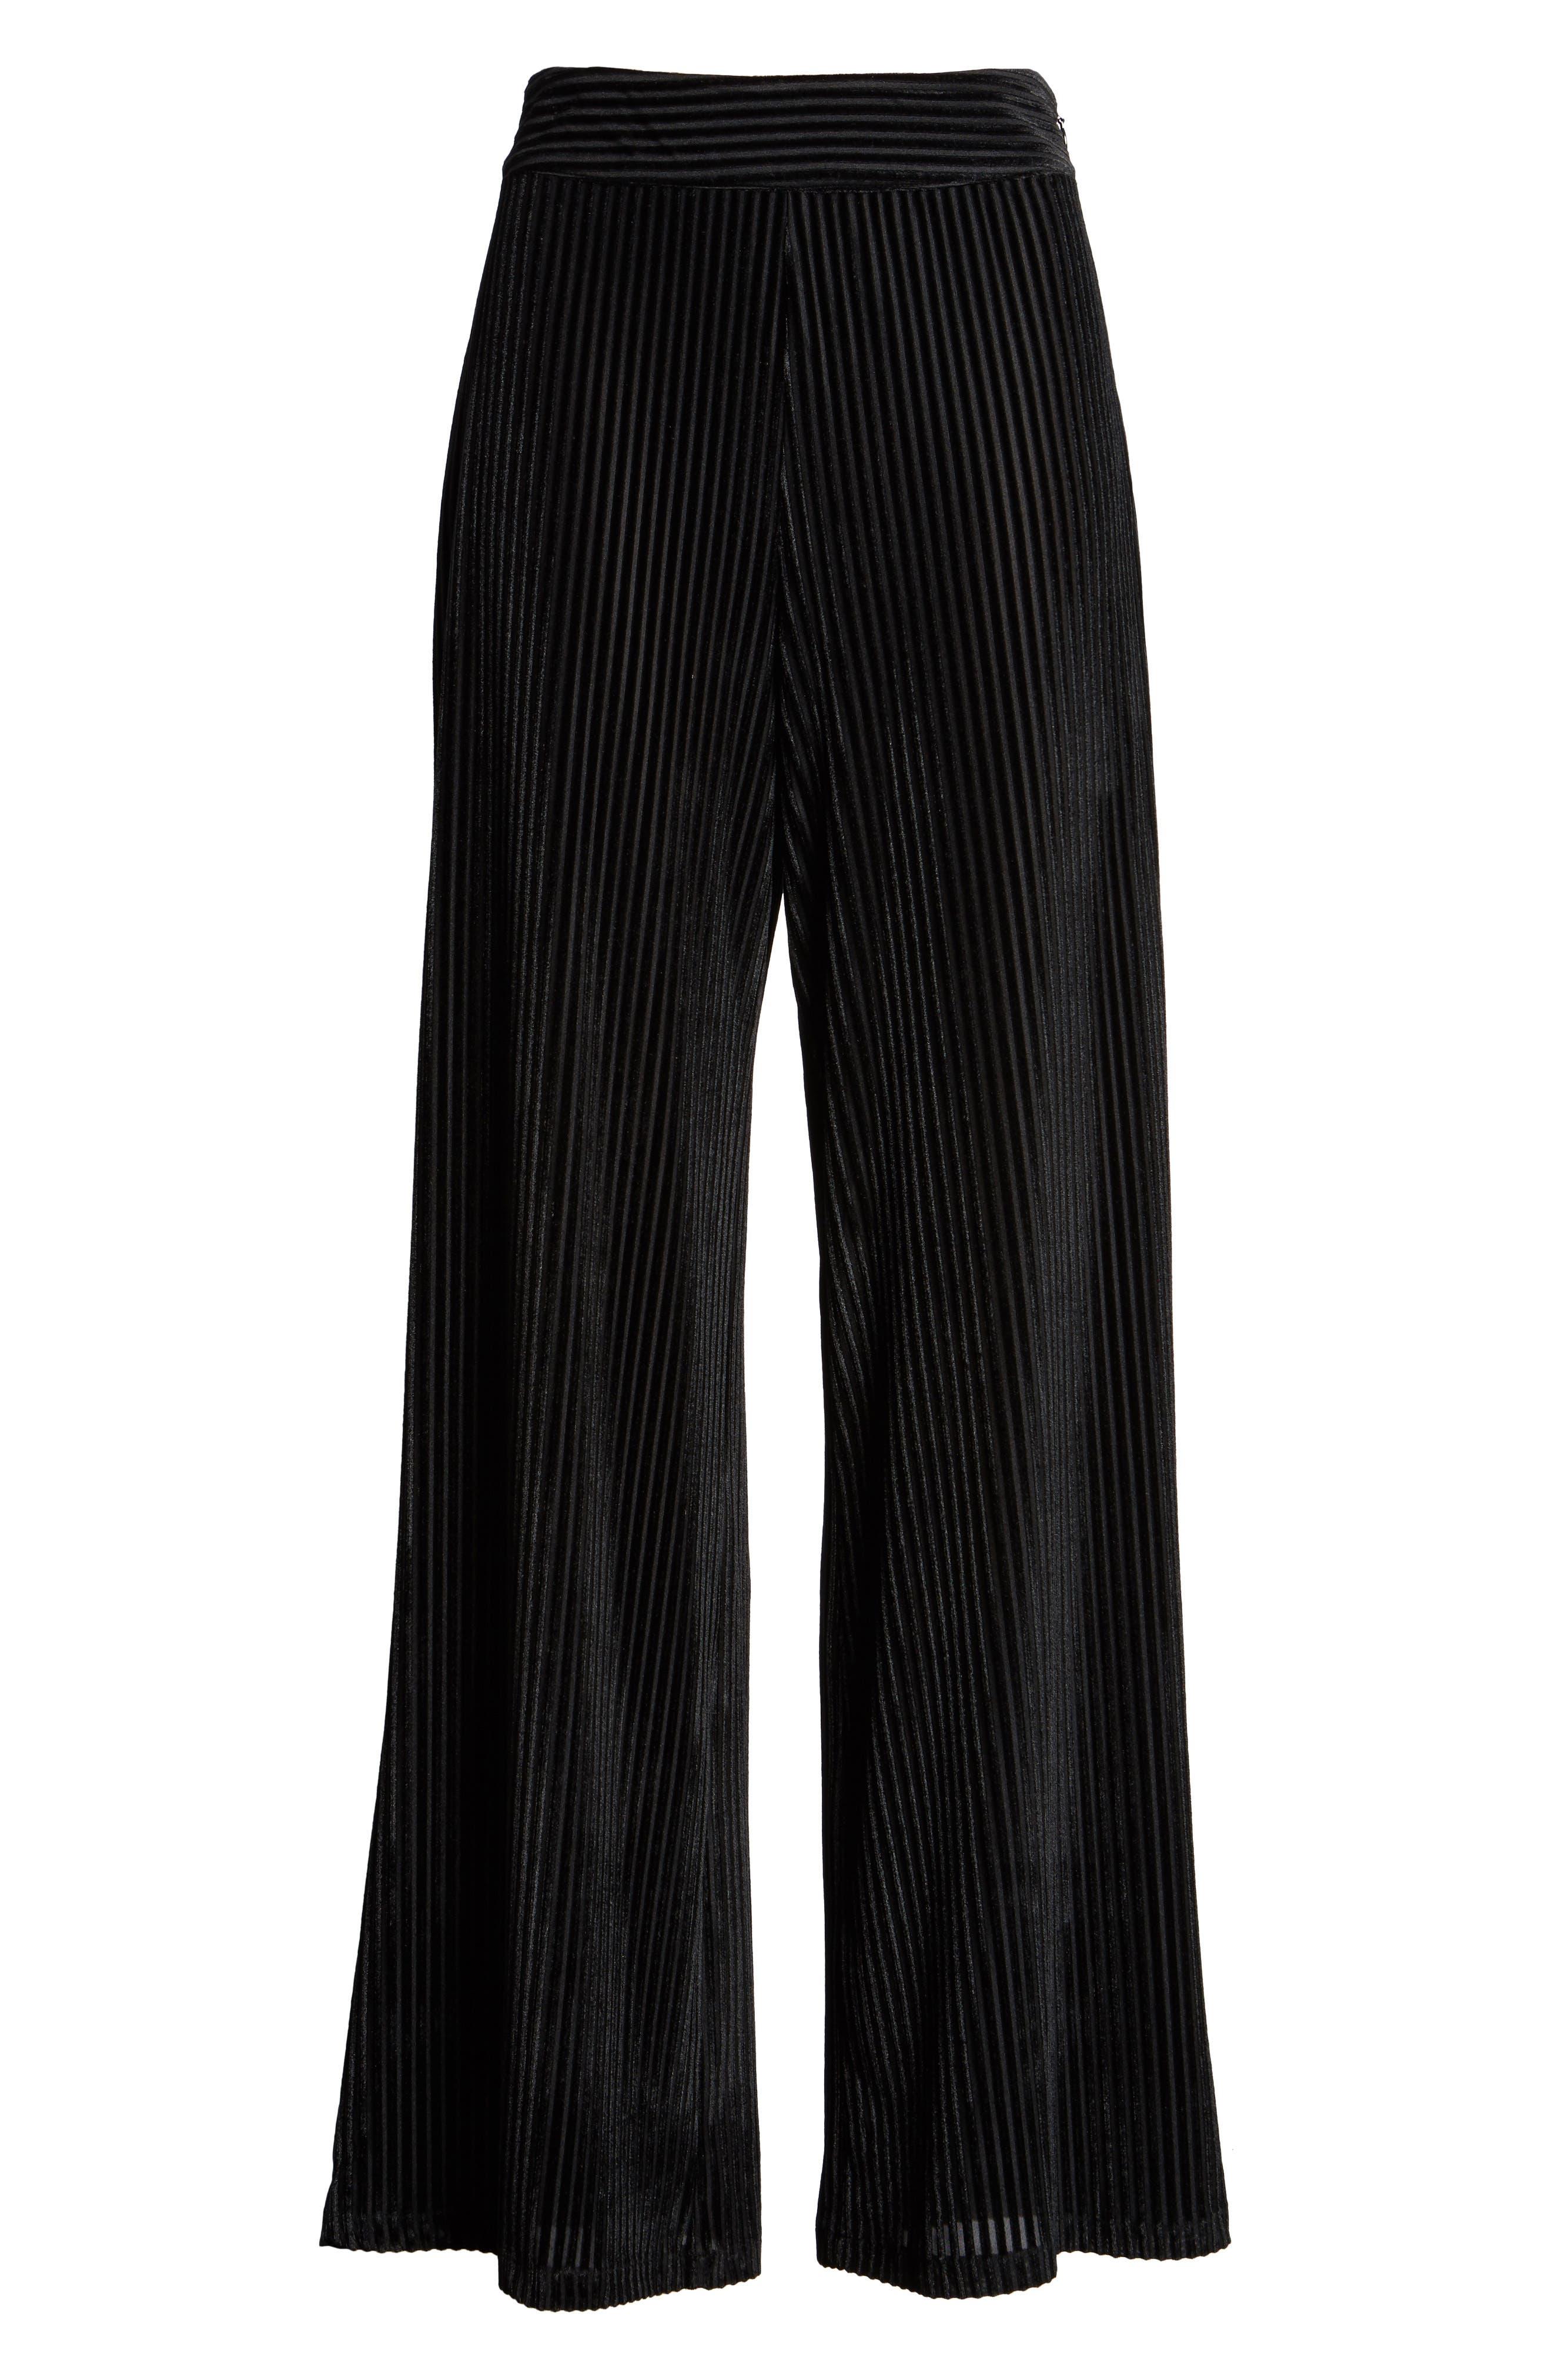 Marley Velvet Pants,                             Alternate thumbnail 6, color,                             Black